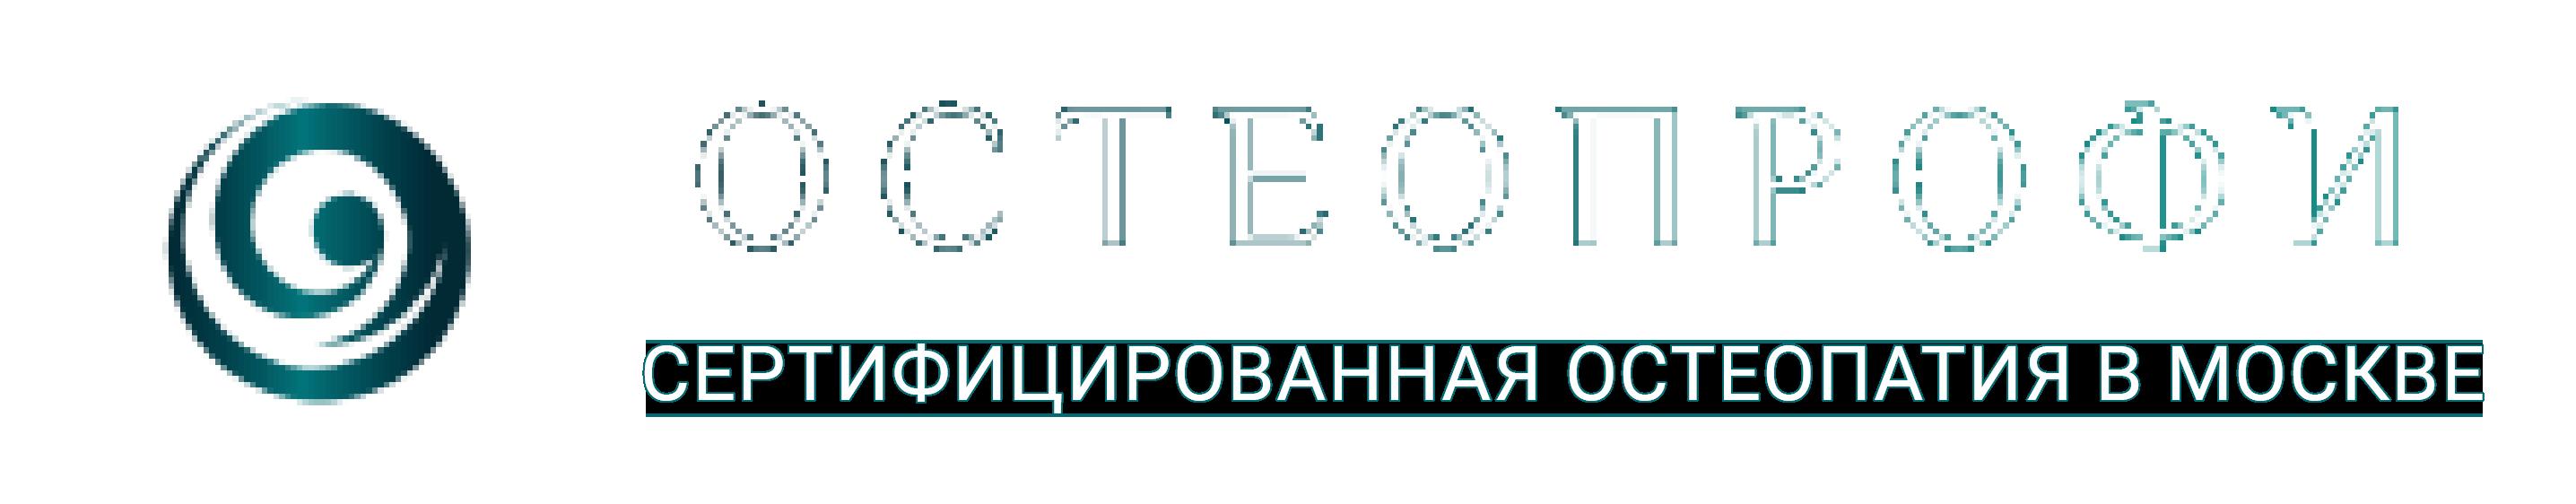 Сертифицированная остеопатия в Москве.